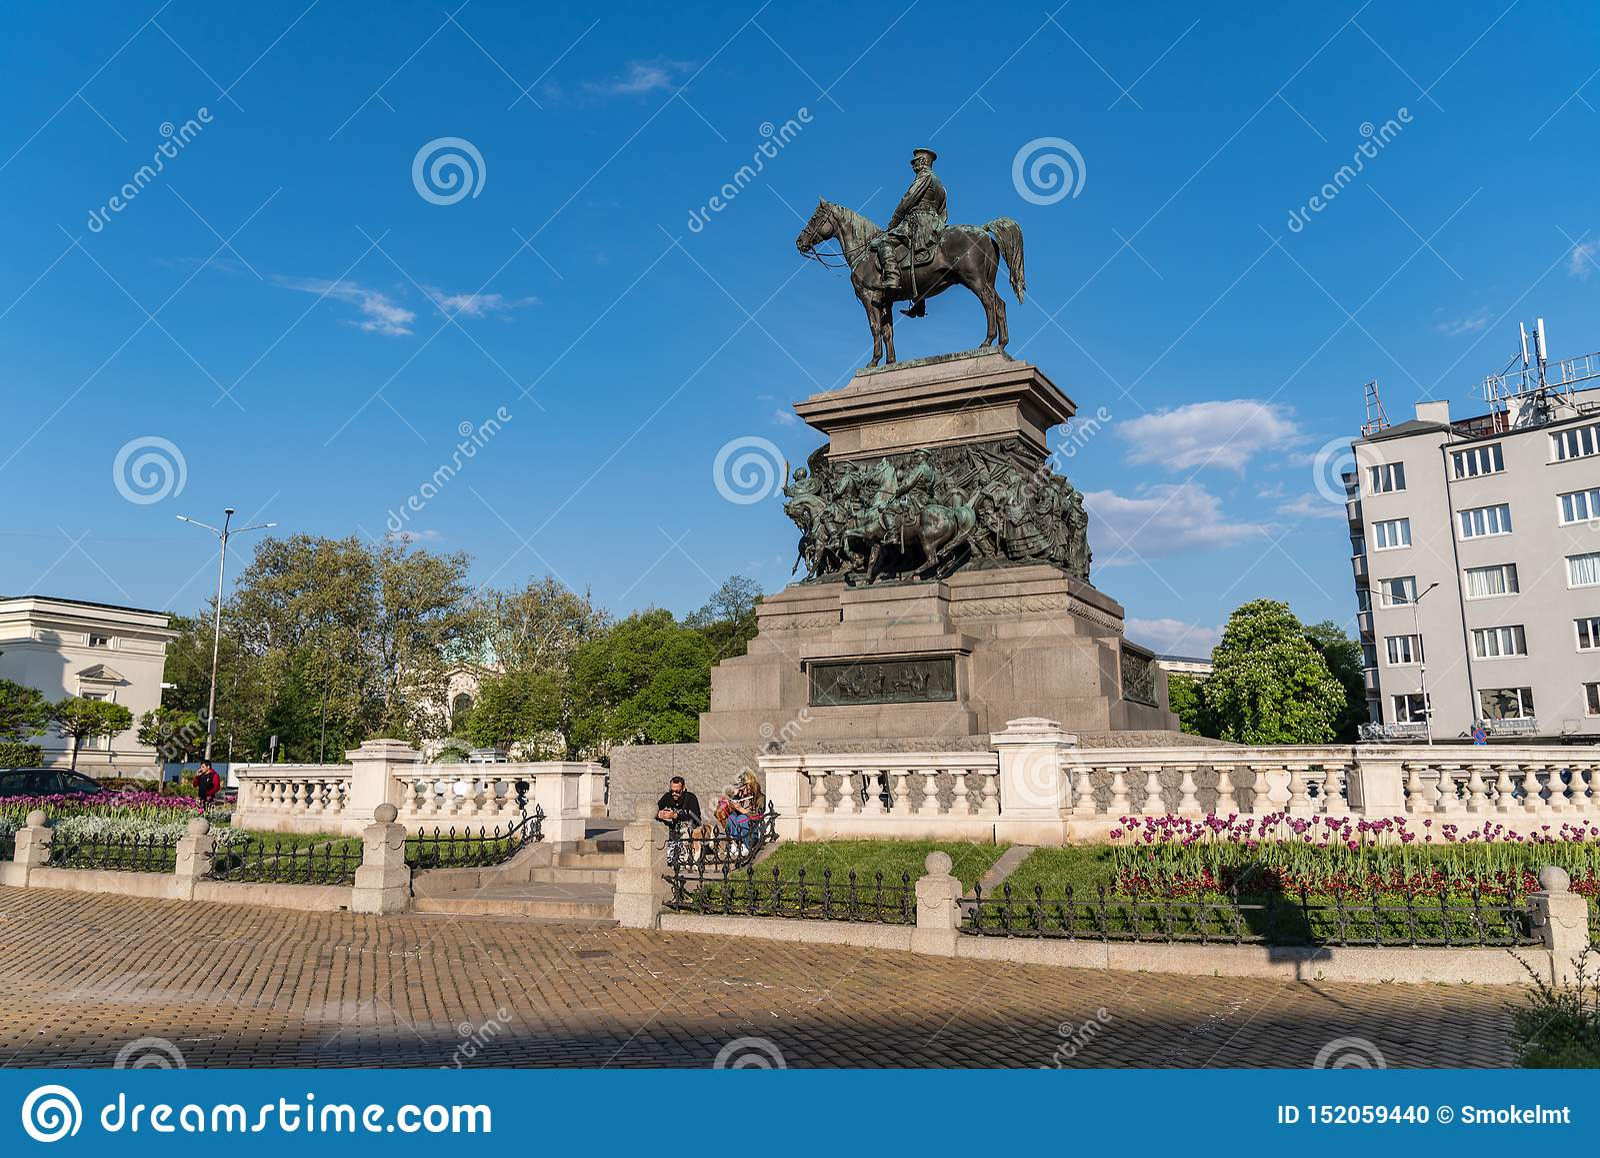 Das Monument zum Zar-Befreier Alexander II. Ist das imponierende Monument des russischen Kaisers sitzt zu Pferd in der Stadt